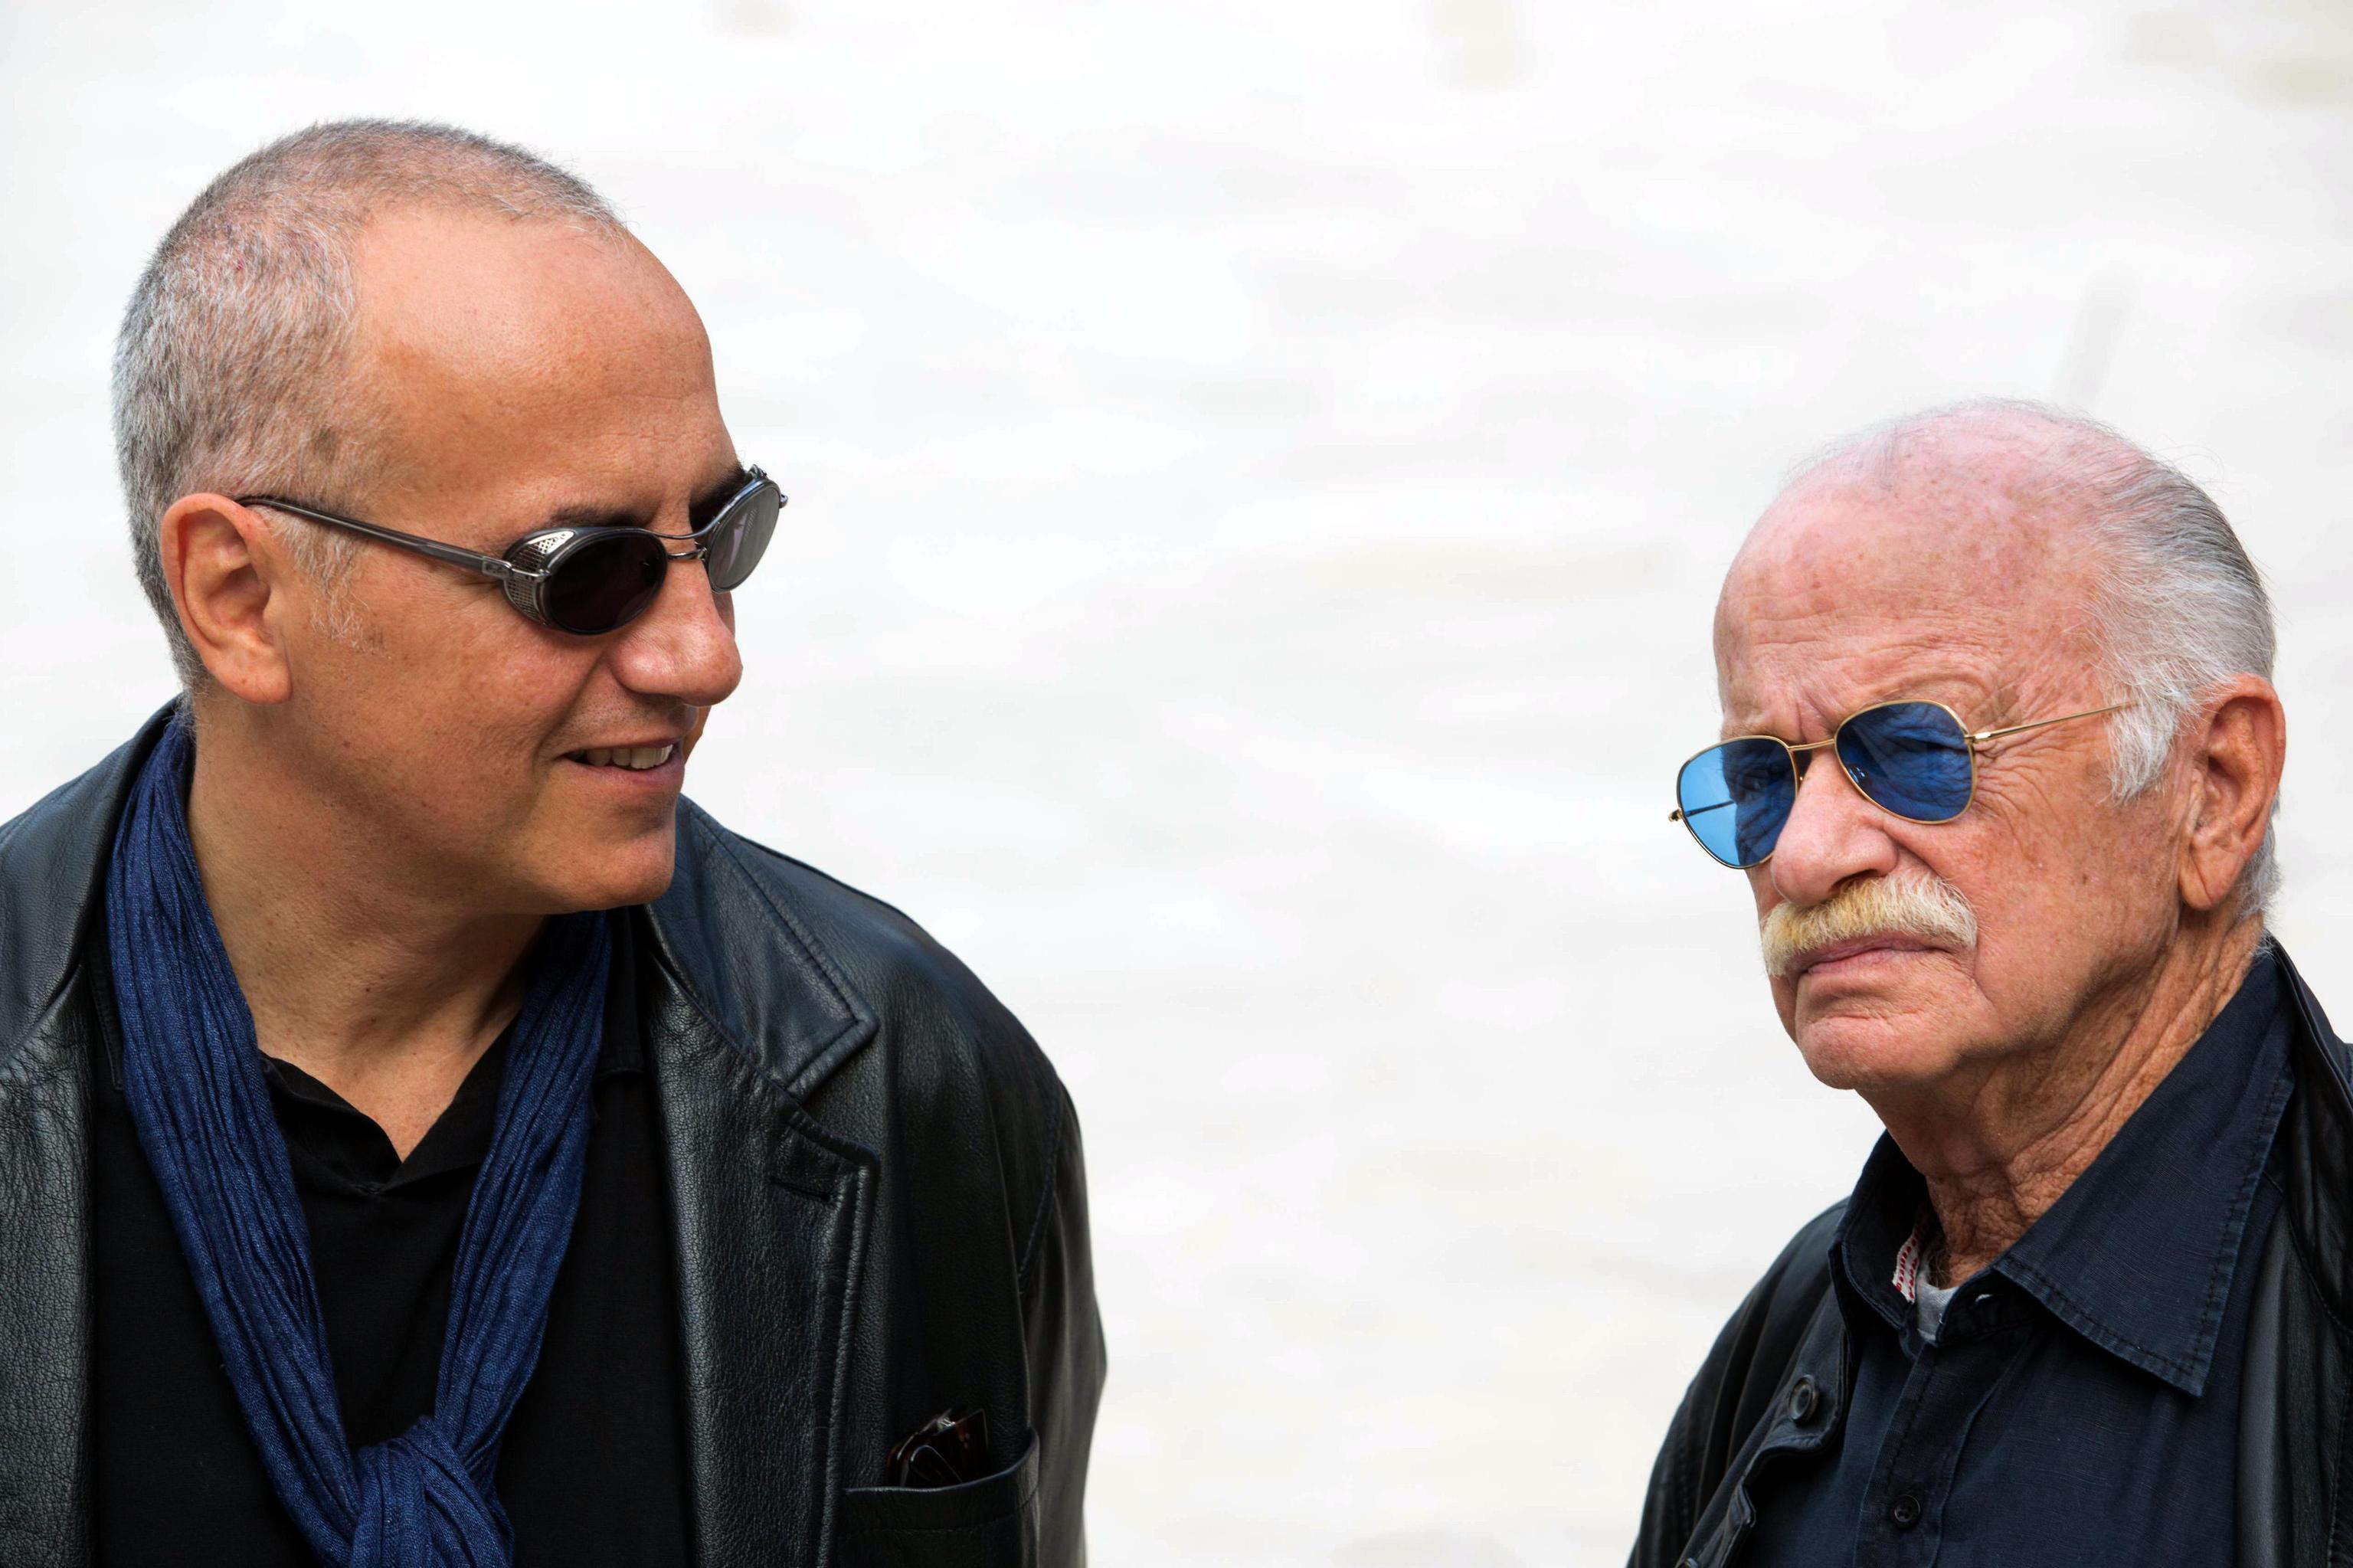 MUSICA: GINO PAOLI, QUASI 80 ANNI DA 'DOLCE ANARCHICO'